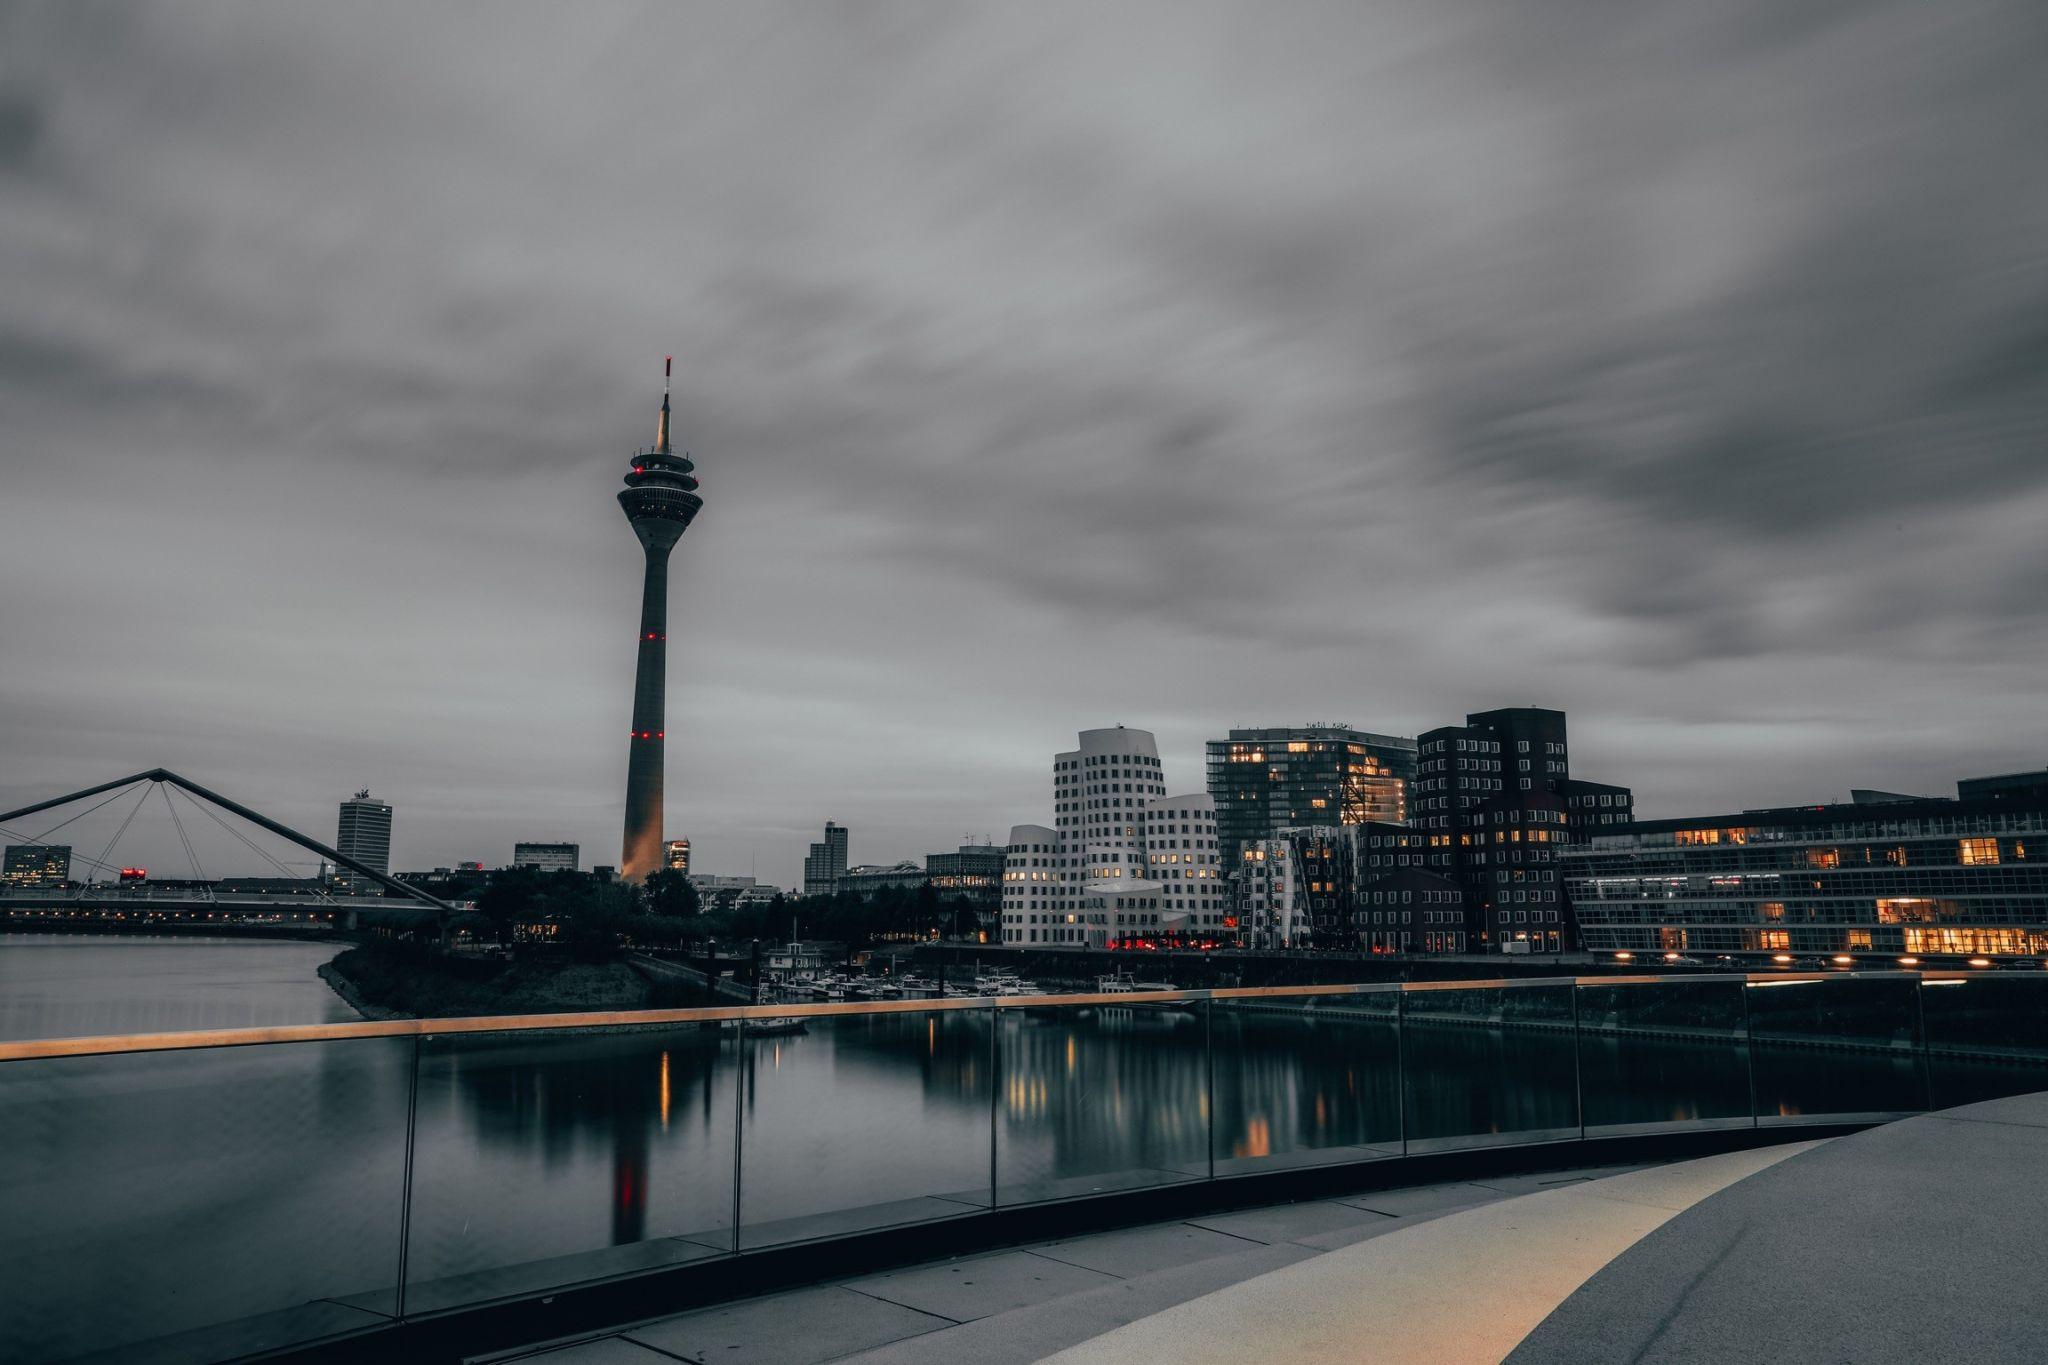 Medien Hafen Düsseldorf, Germany